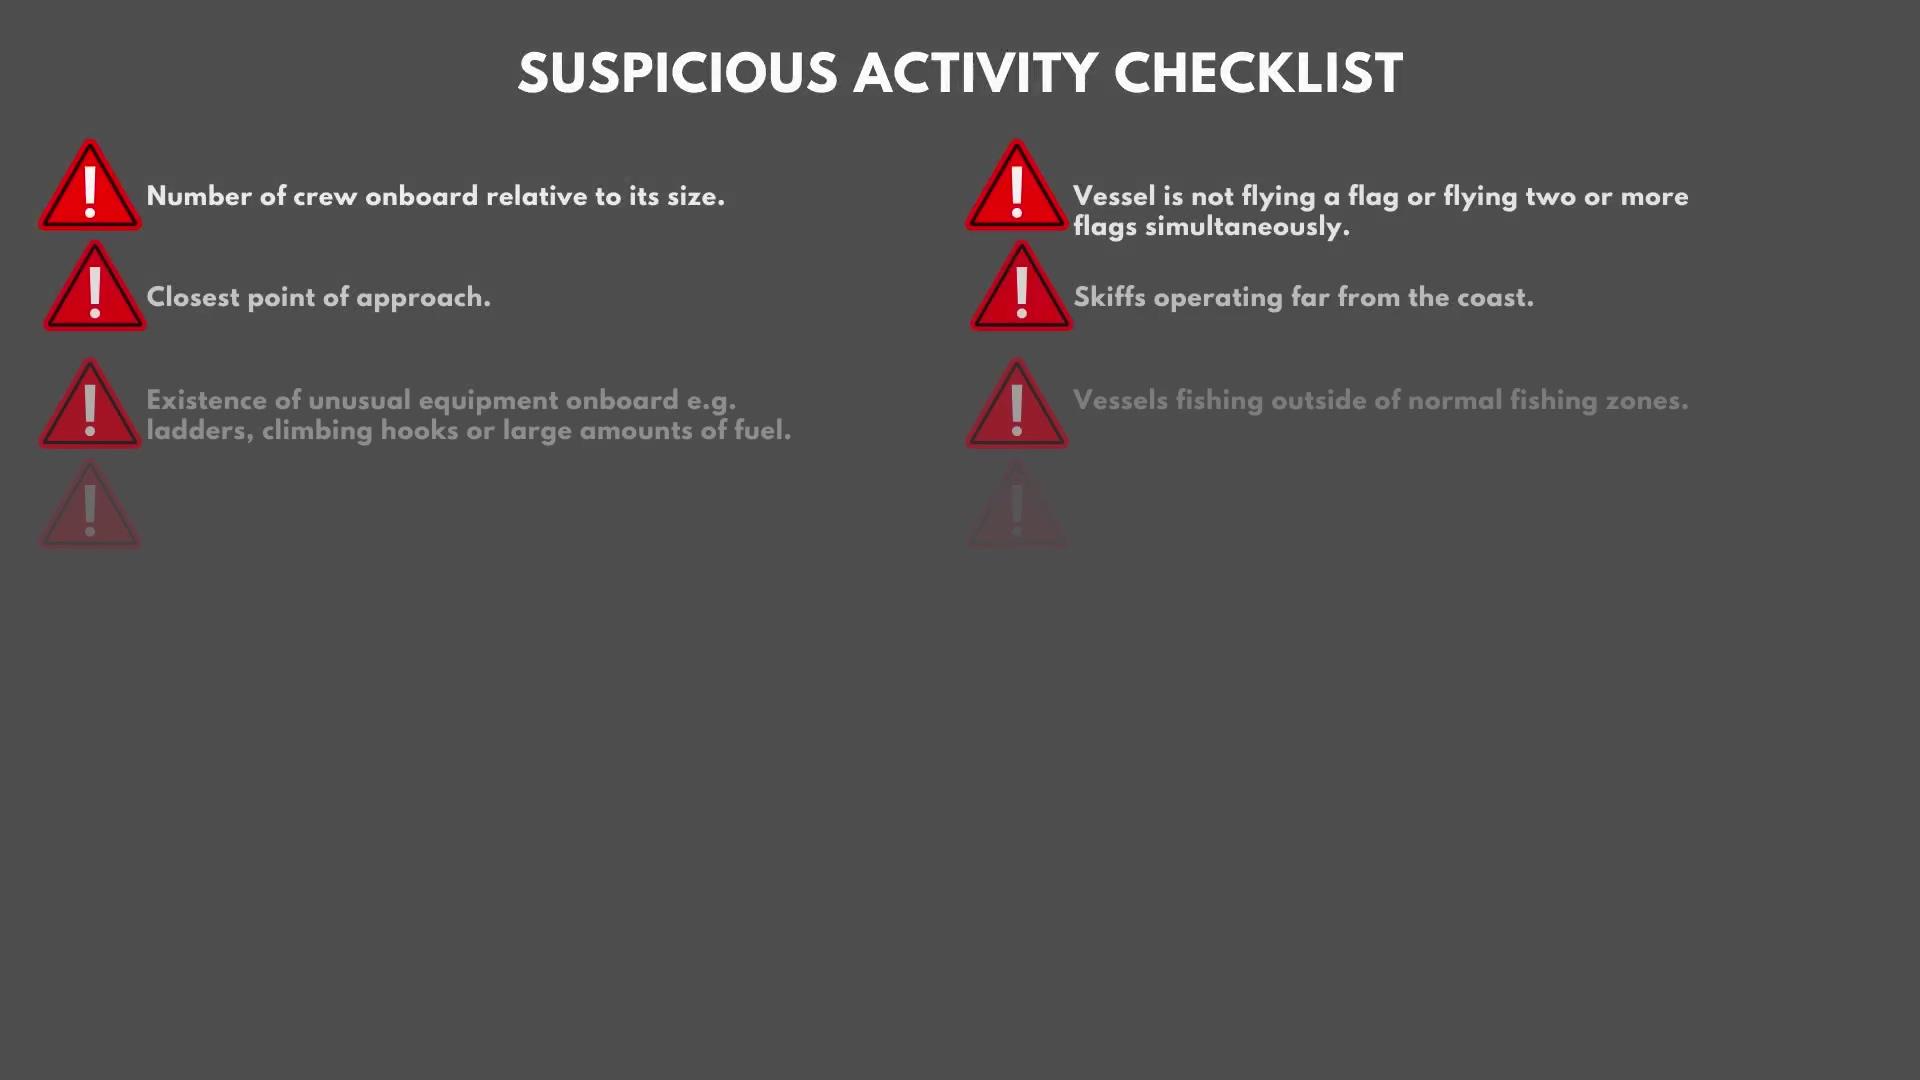 Suspicious activity checklist